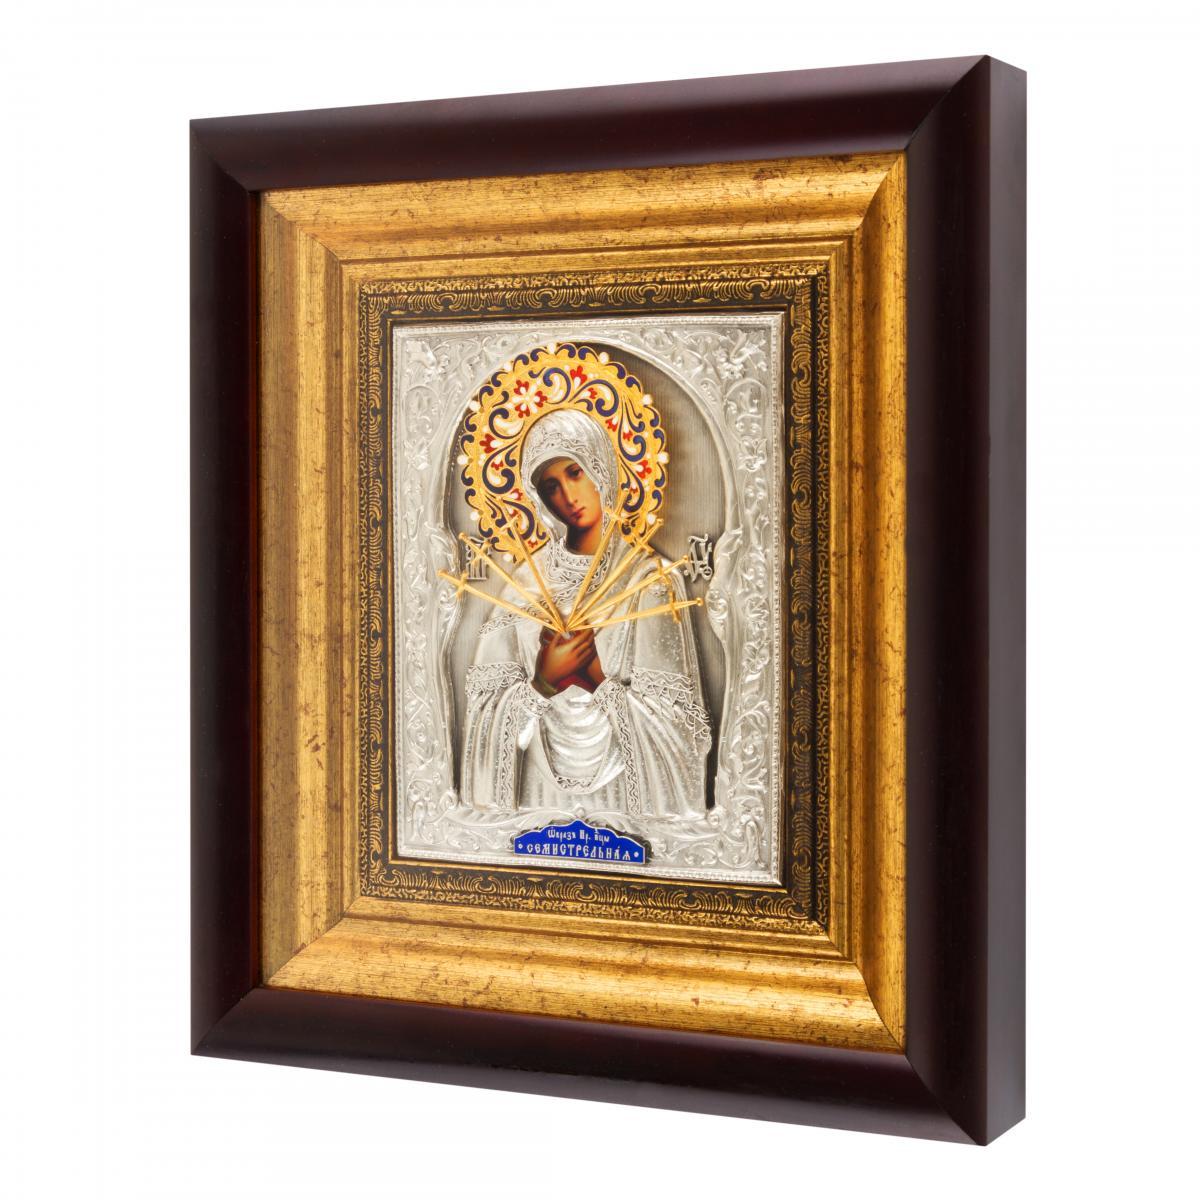 Семистрільна ікона Божої Матері. Фото №2. | Народний дім Україна